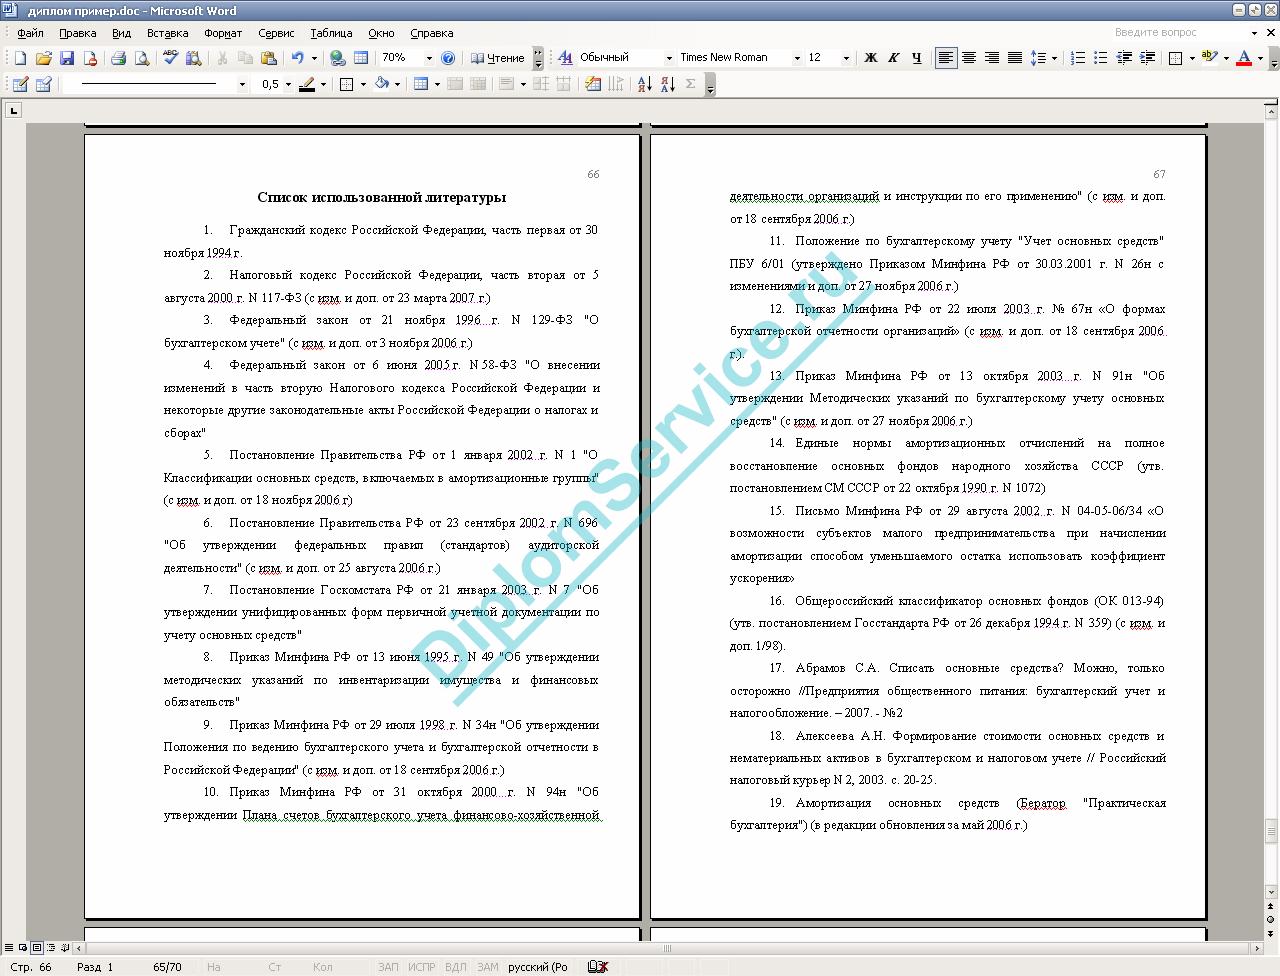 Структура и правила написания качественной дипломной работы В приложения к дипломной работе выносим формы бухгалтерской отчетности